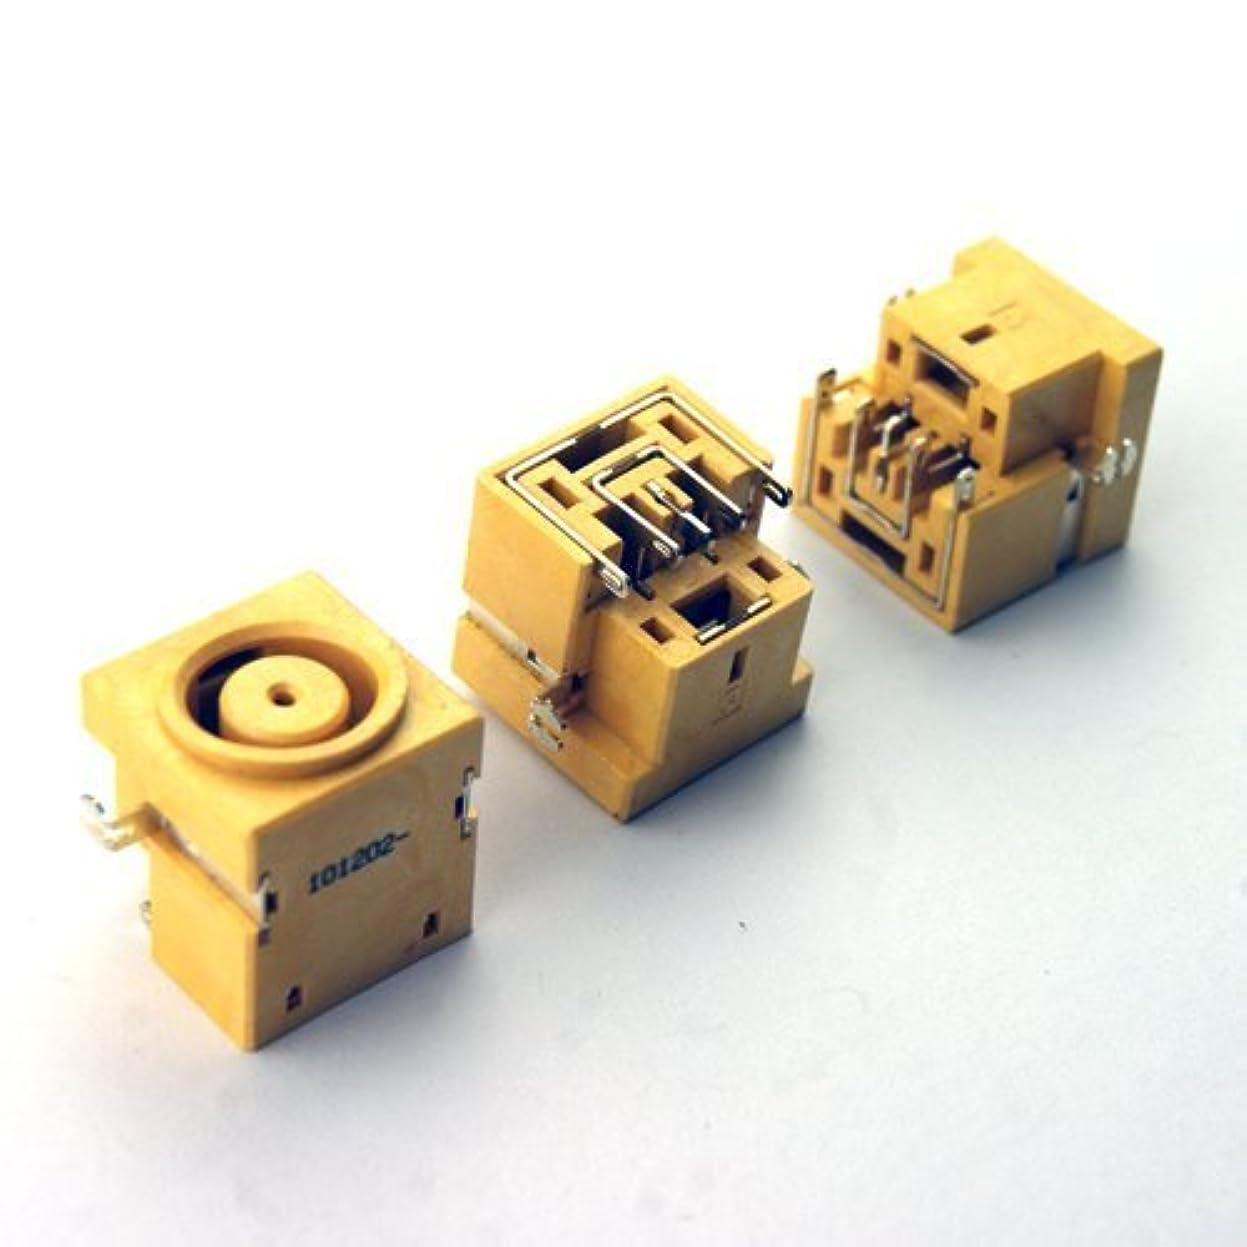 ぐるぐるインレイ電気的gotor® 3000 V100 V200 E420 E520 T420Sシリーズ対応交換用AC DC電源ジャックプラグコネクタソケット